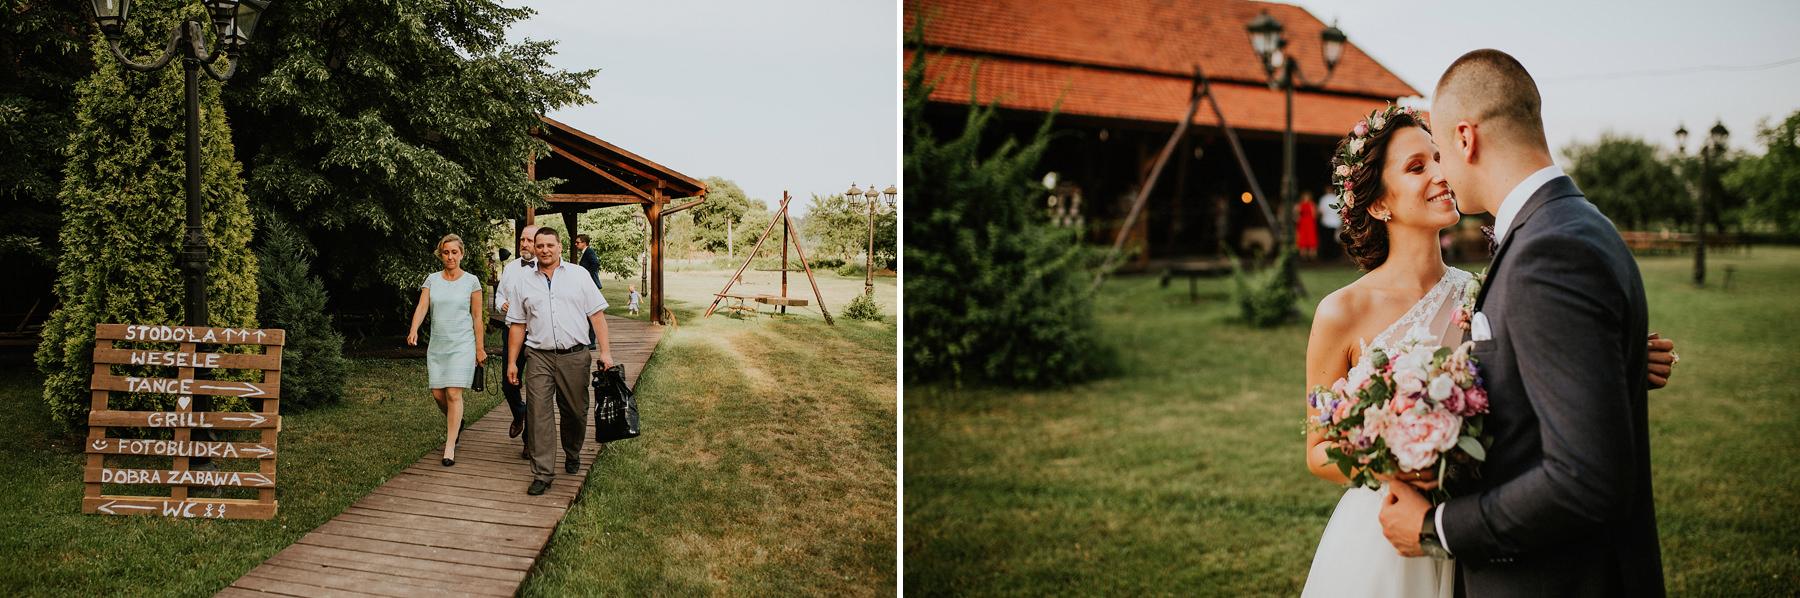 fotograf ślubny stodoła